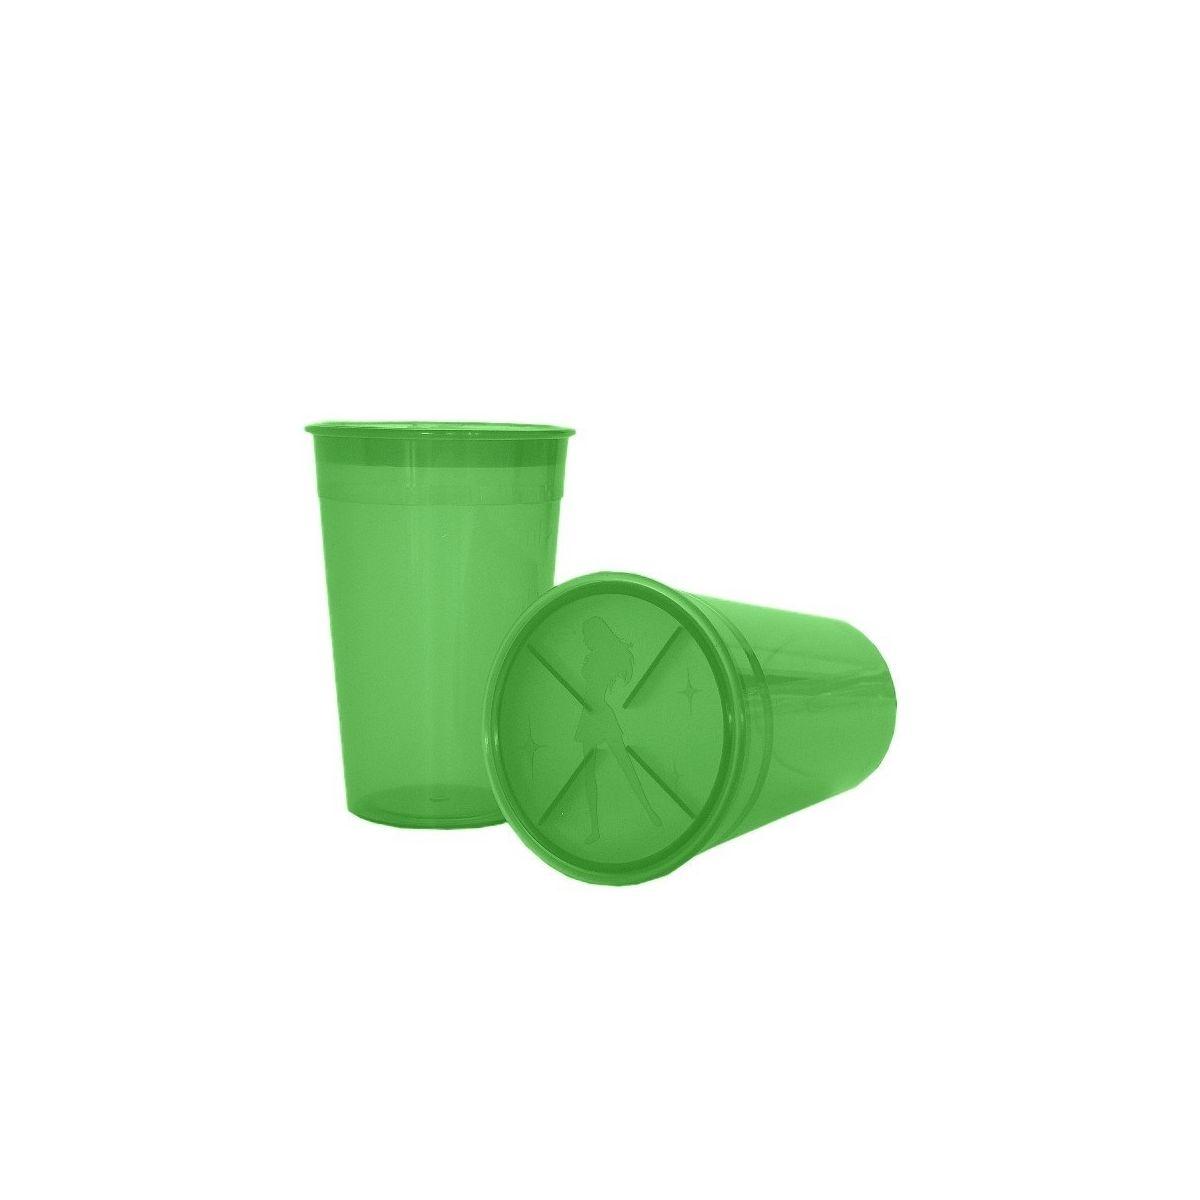 St rilisateur rigide pour coupe menstruelle vert sebio - Coupe menstruelle utilisation ...